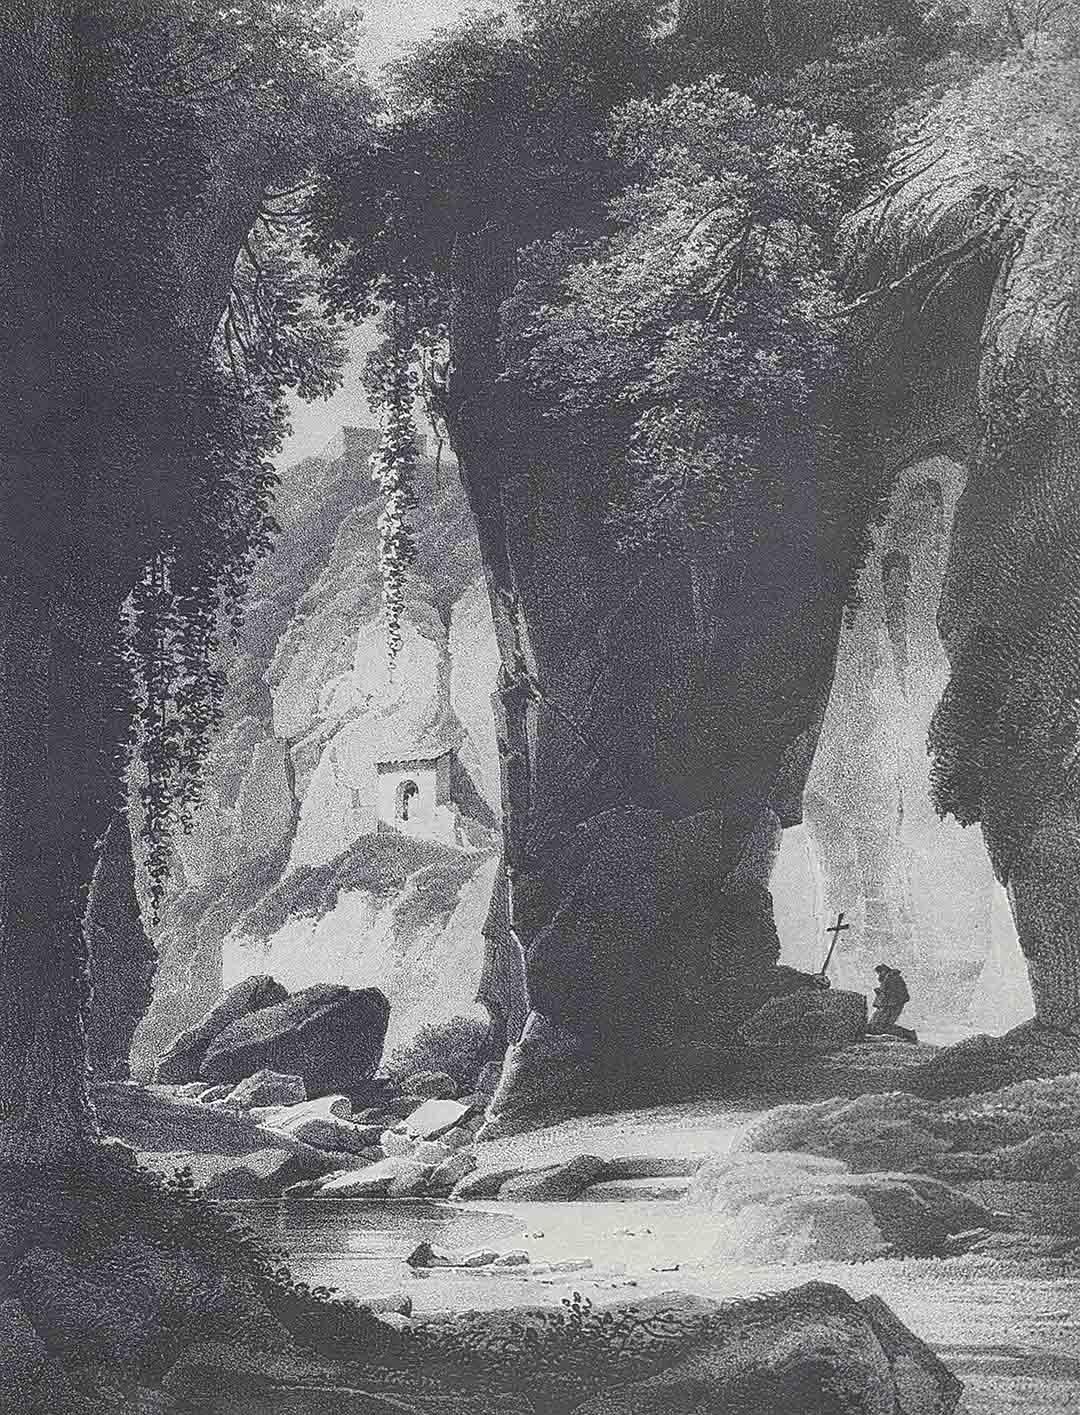 Achille-Etna MICHALLON (Paris 1796 – Paris 1822) – Alexandre-François CAMINADE (Paris 1789 – Versailles 1862), Grottes de Sorrento, ca. 1820